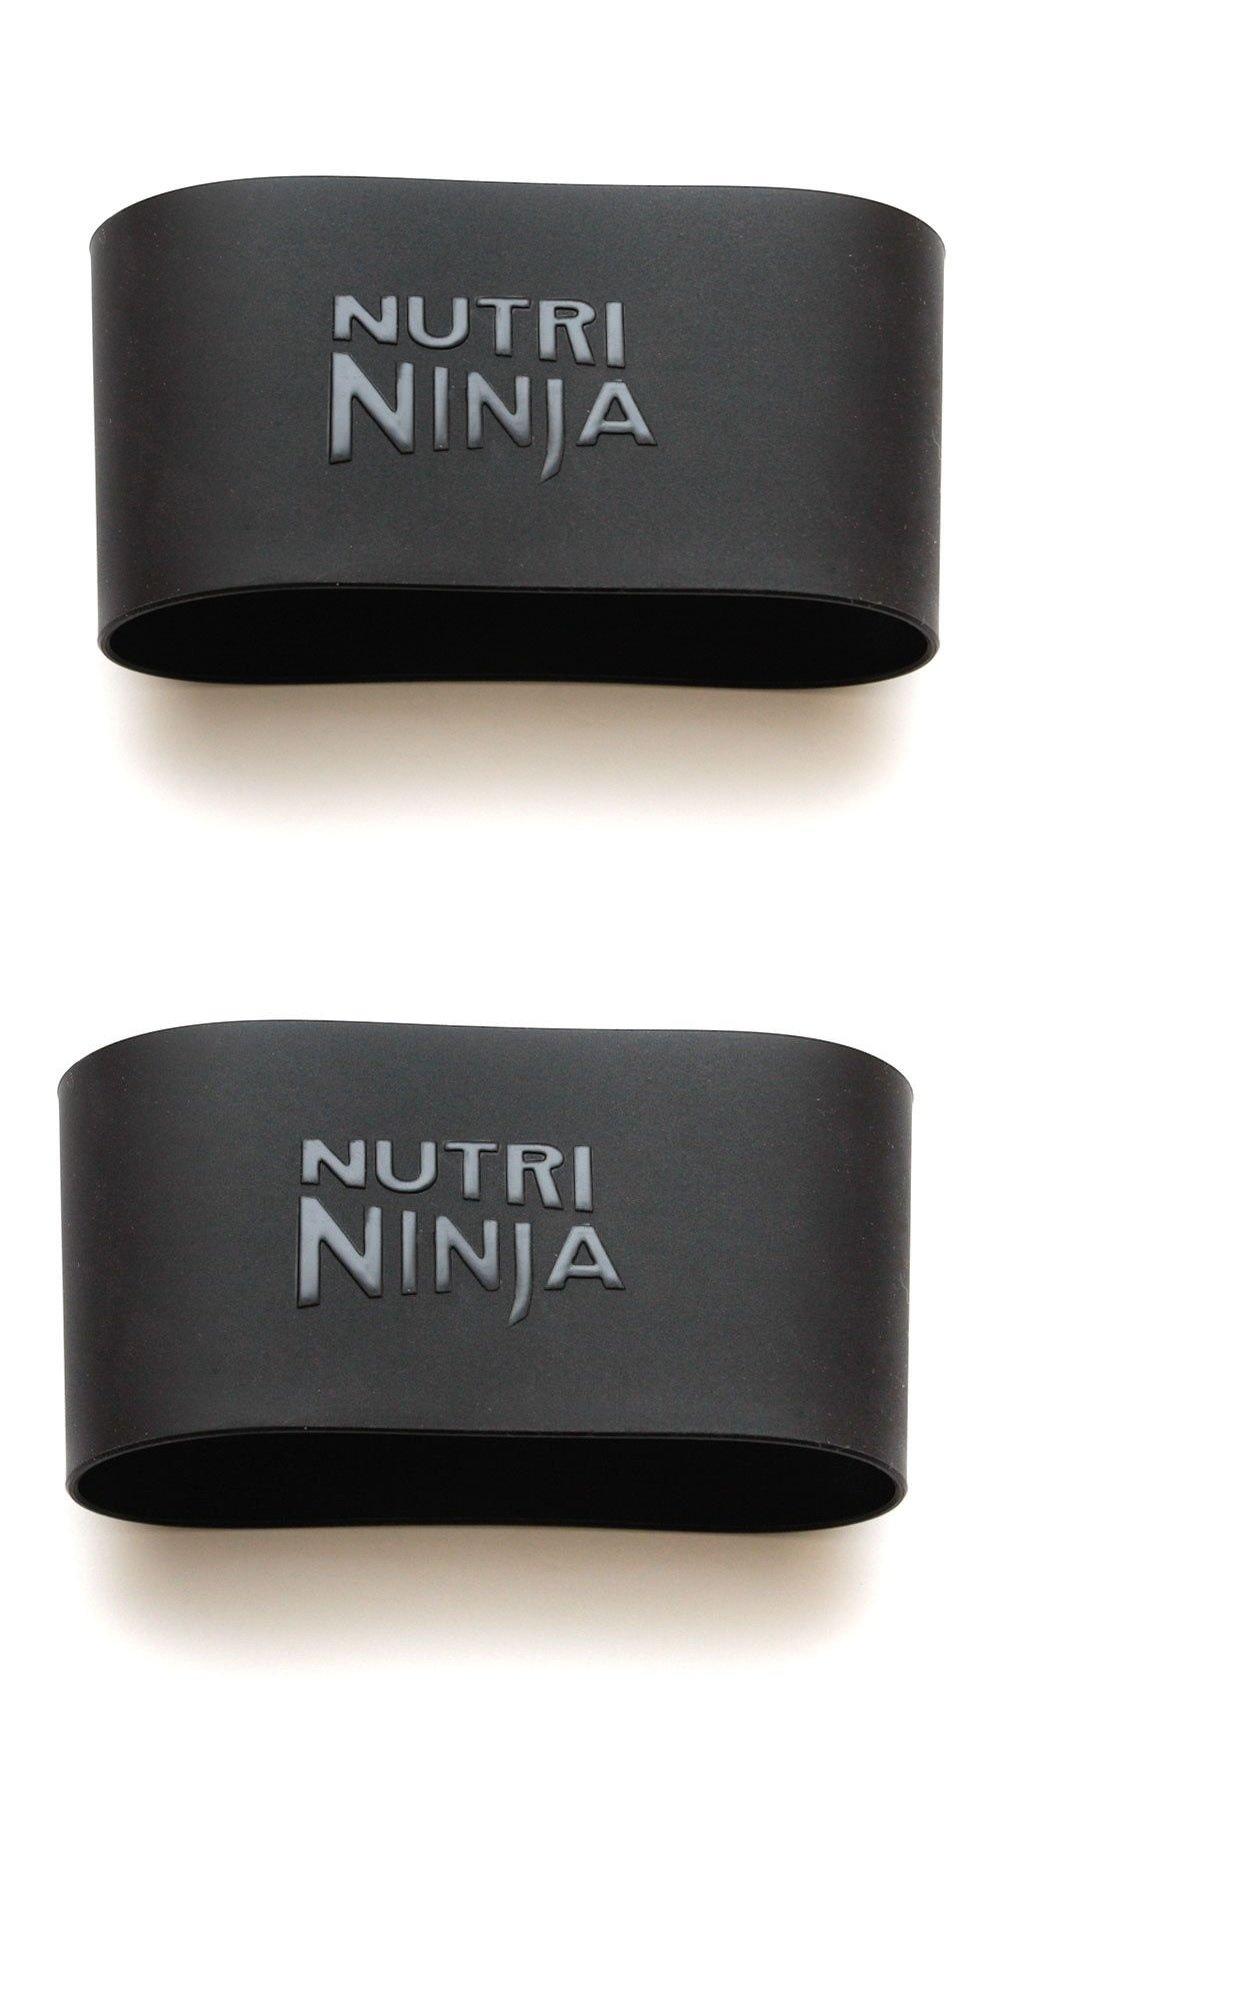 Nutri Ninja Silicone Grip Sleeve / Set of 2